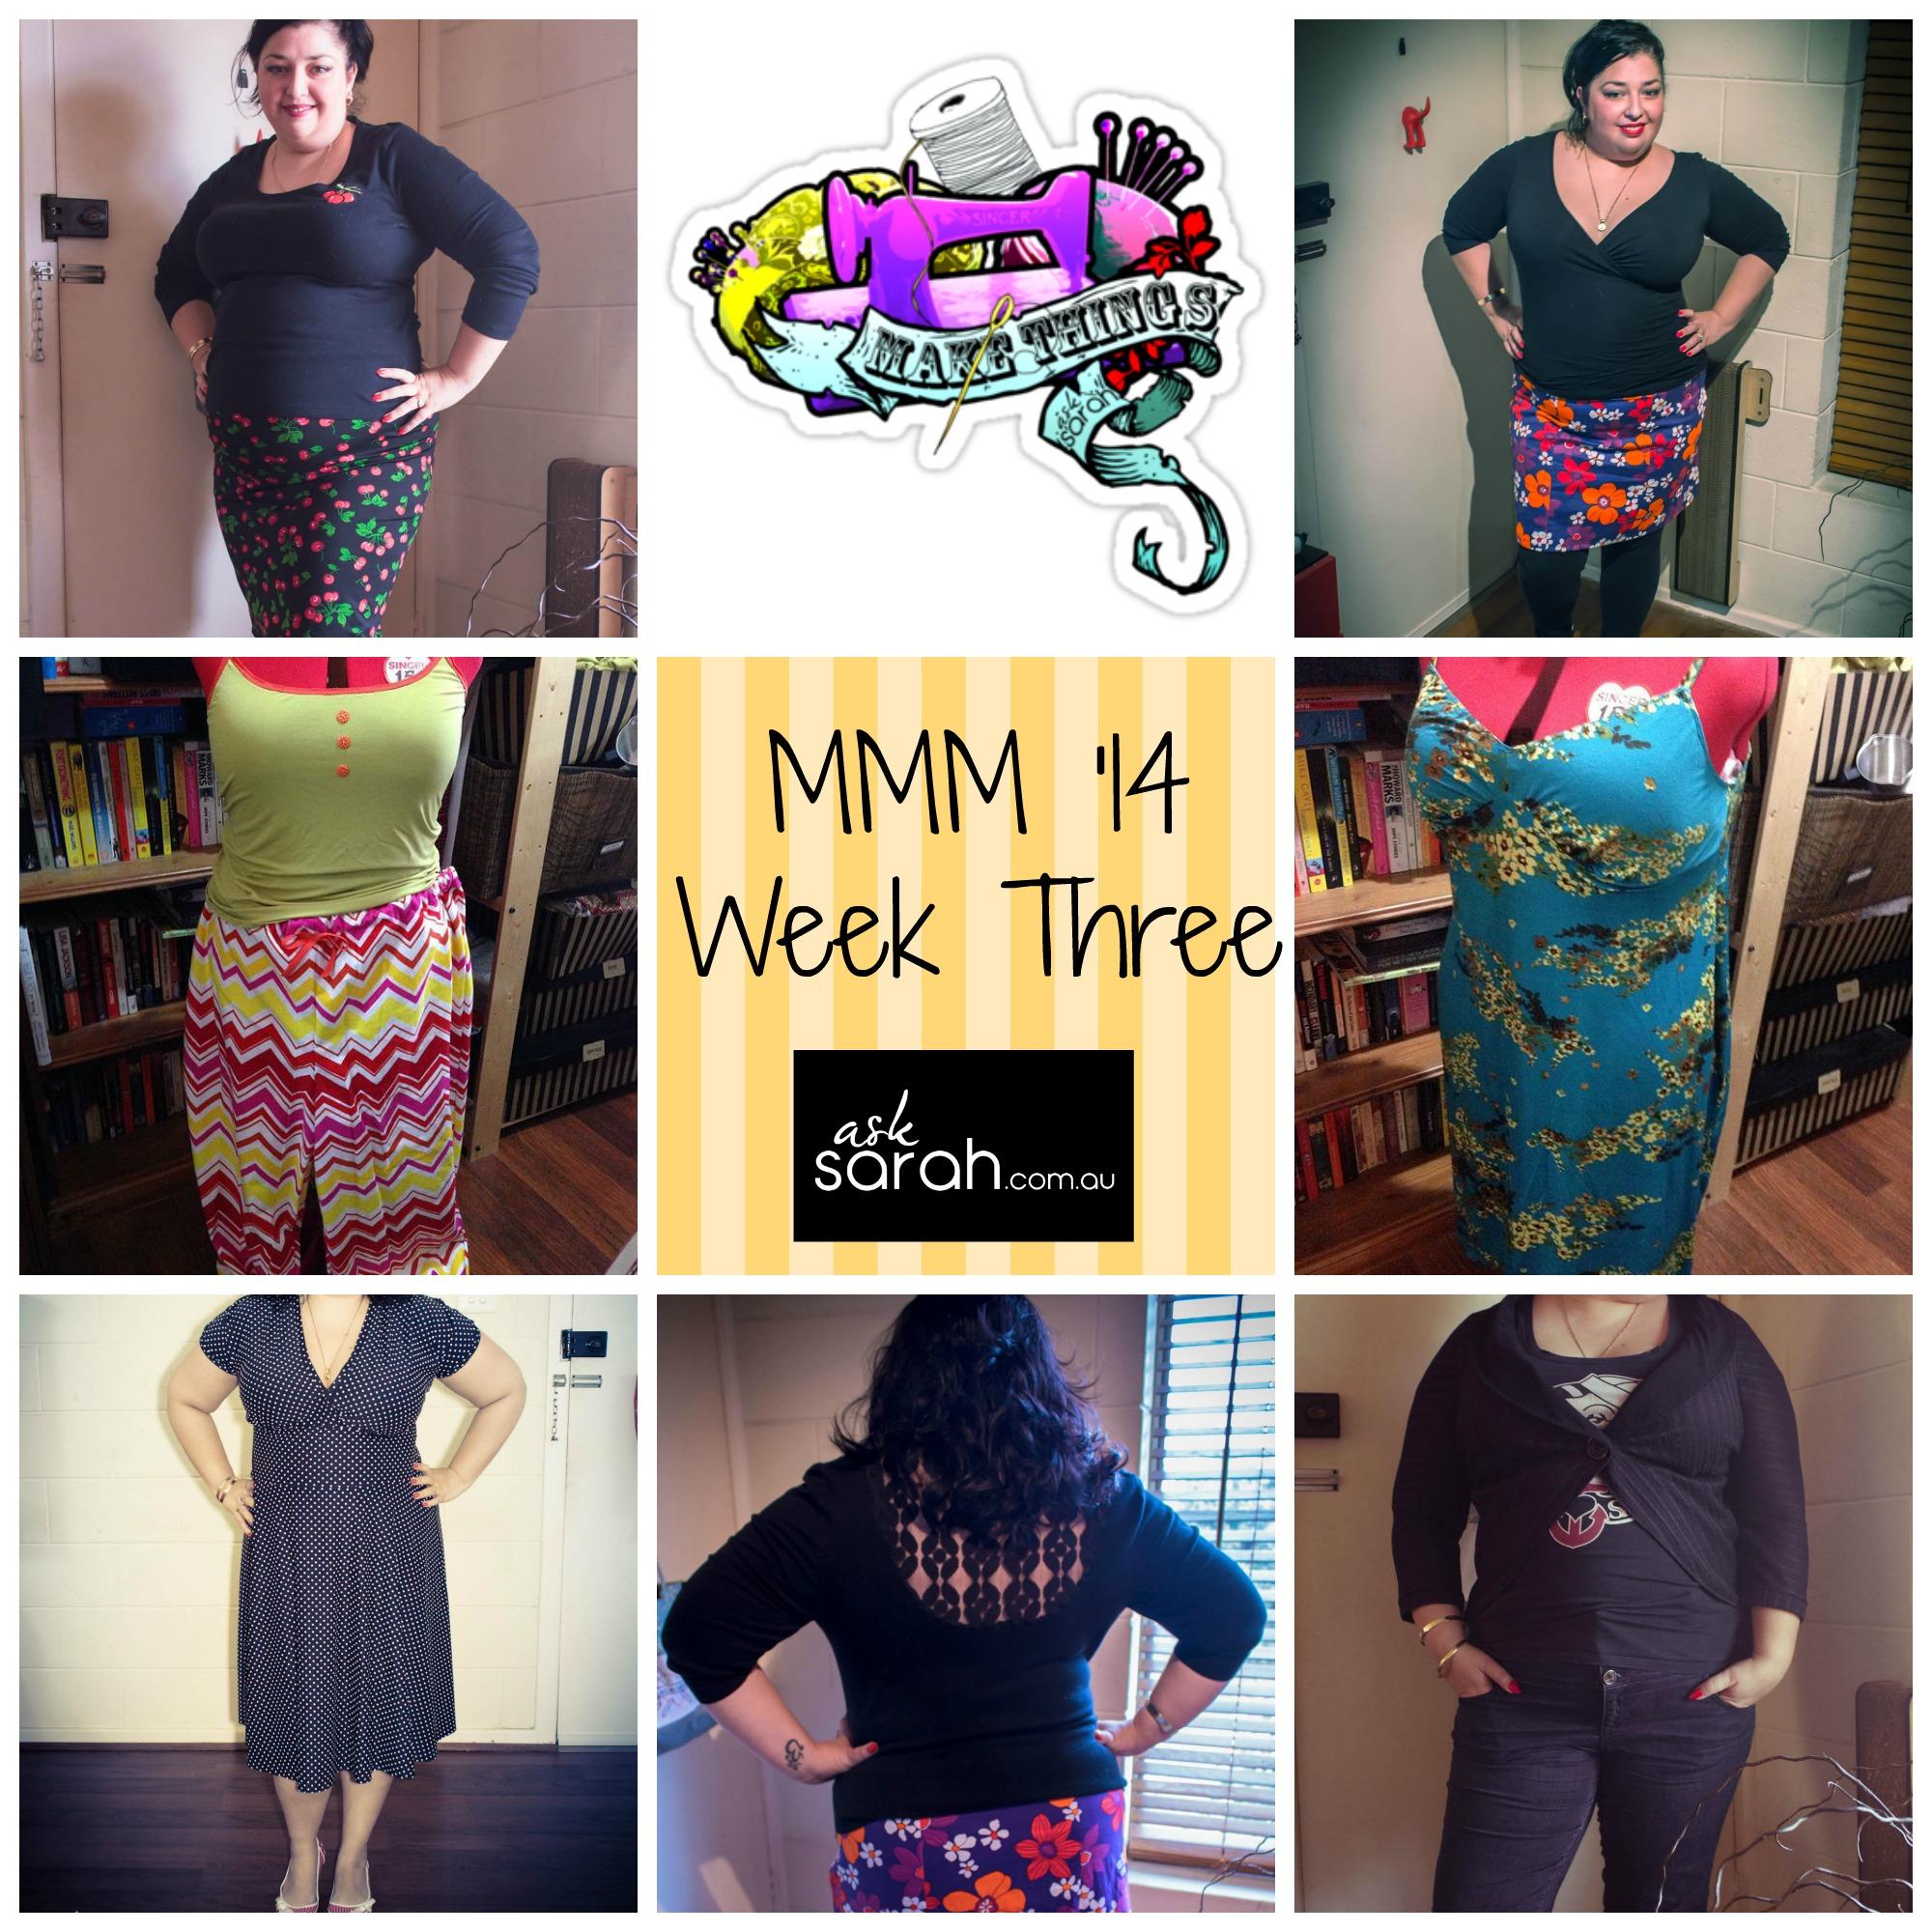 MMM '14 Outfits Week Three